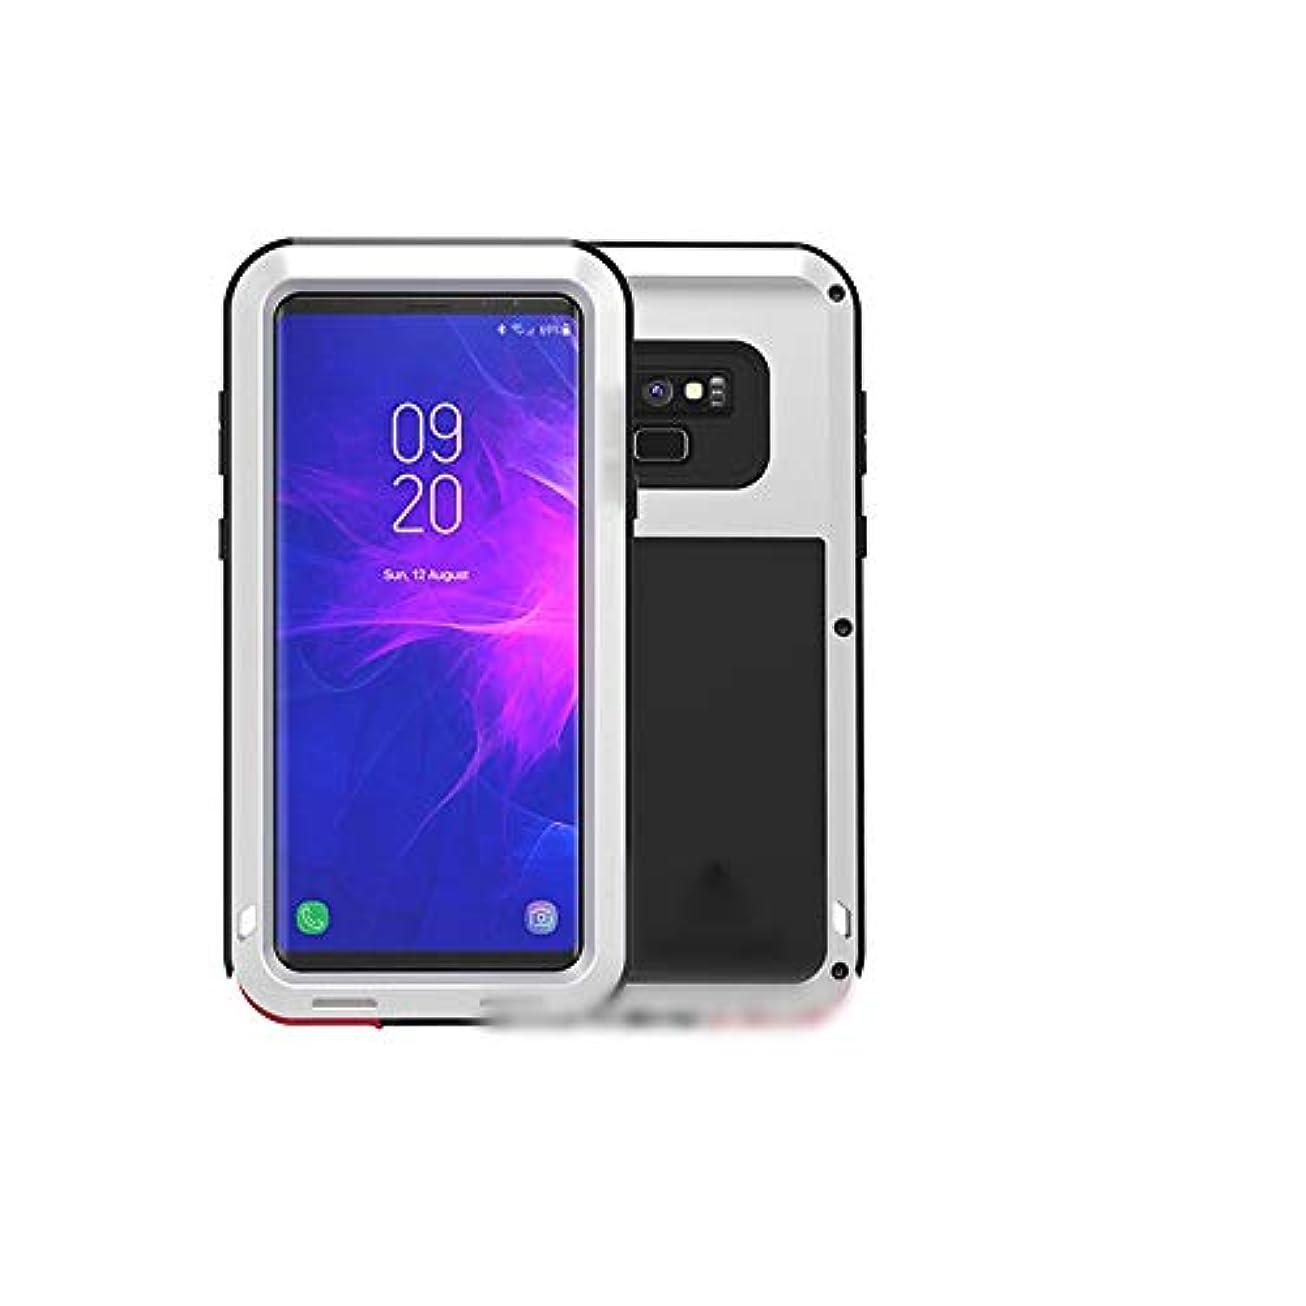 氏汚れた懐疑的Tonglilili 電話ケース、サムスンS9プラス、S9、注9、S8プラス、注8、S8のための3つの抗金属電話ケース新しい保護カバー粉々になりにくいセット電話ケース (Color : Silver, Edition : Note9)